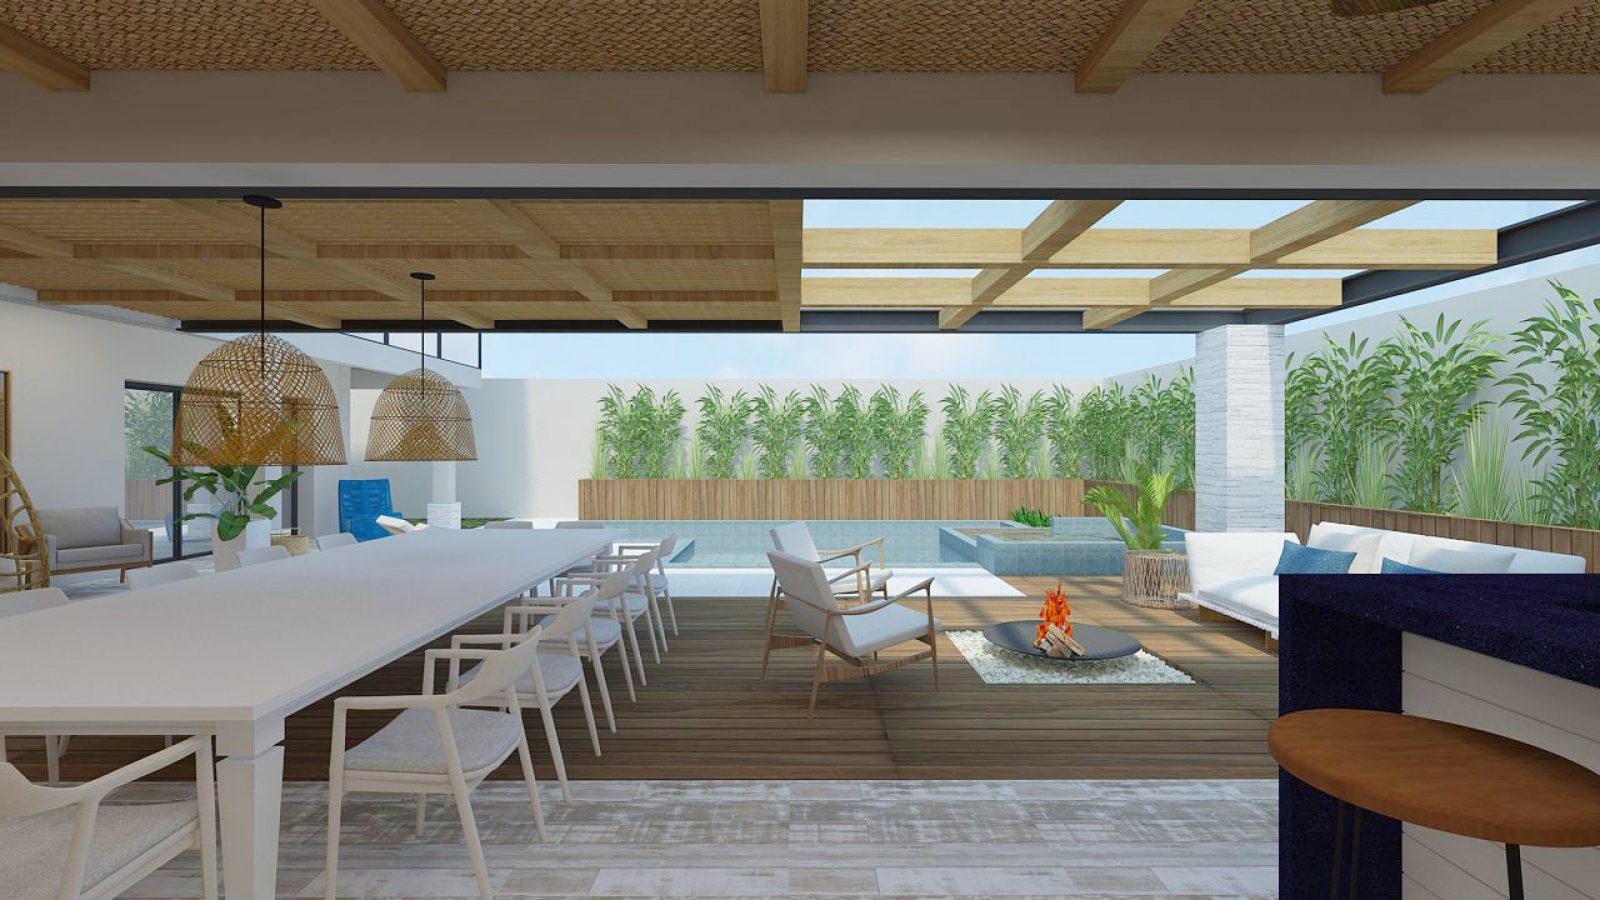 Interior área da piscina, com piso de madeira, mesa e cadeiras brancas.